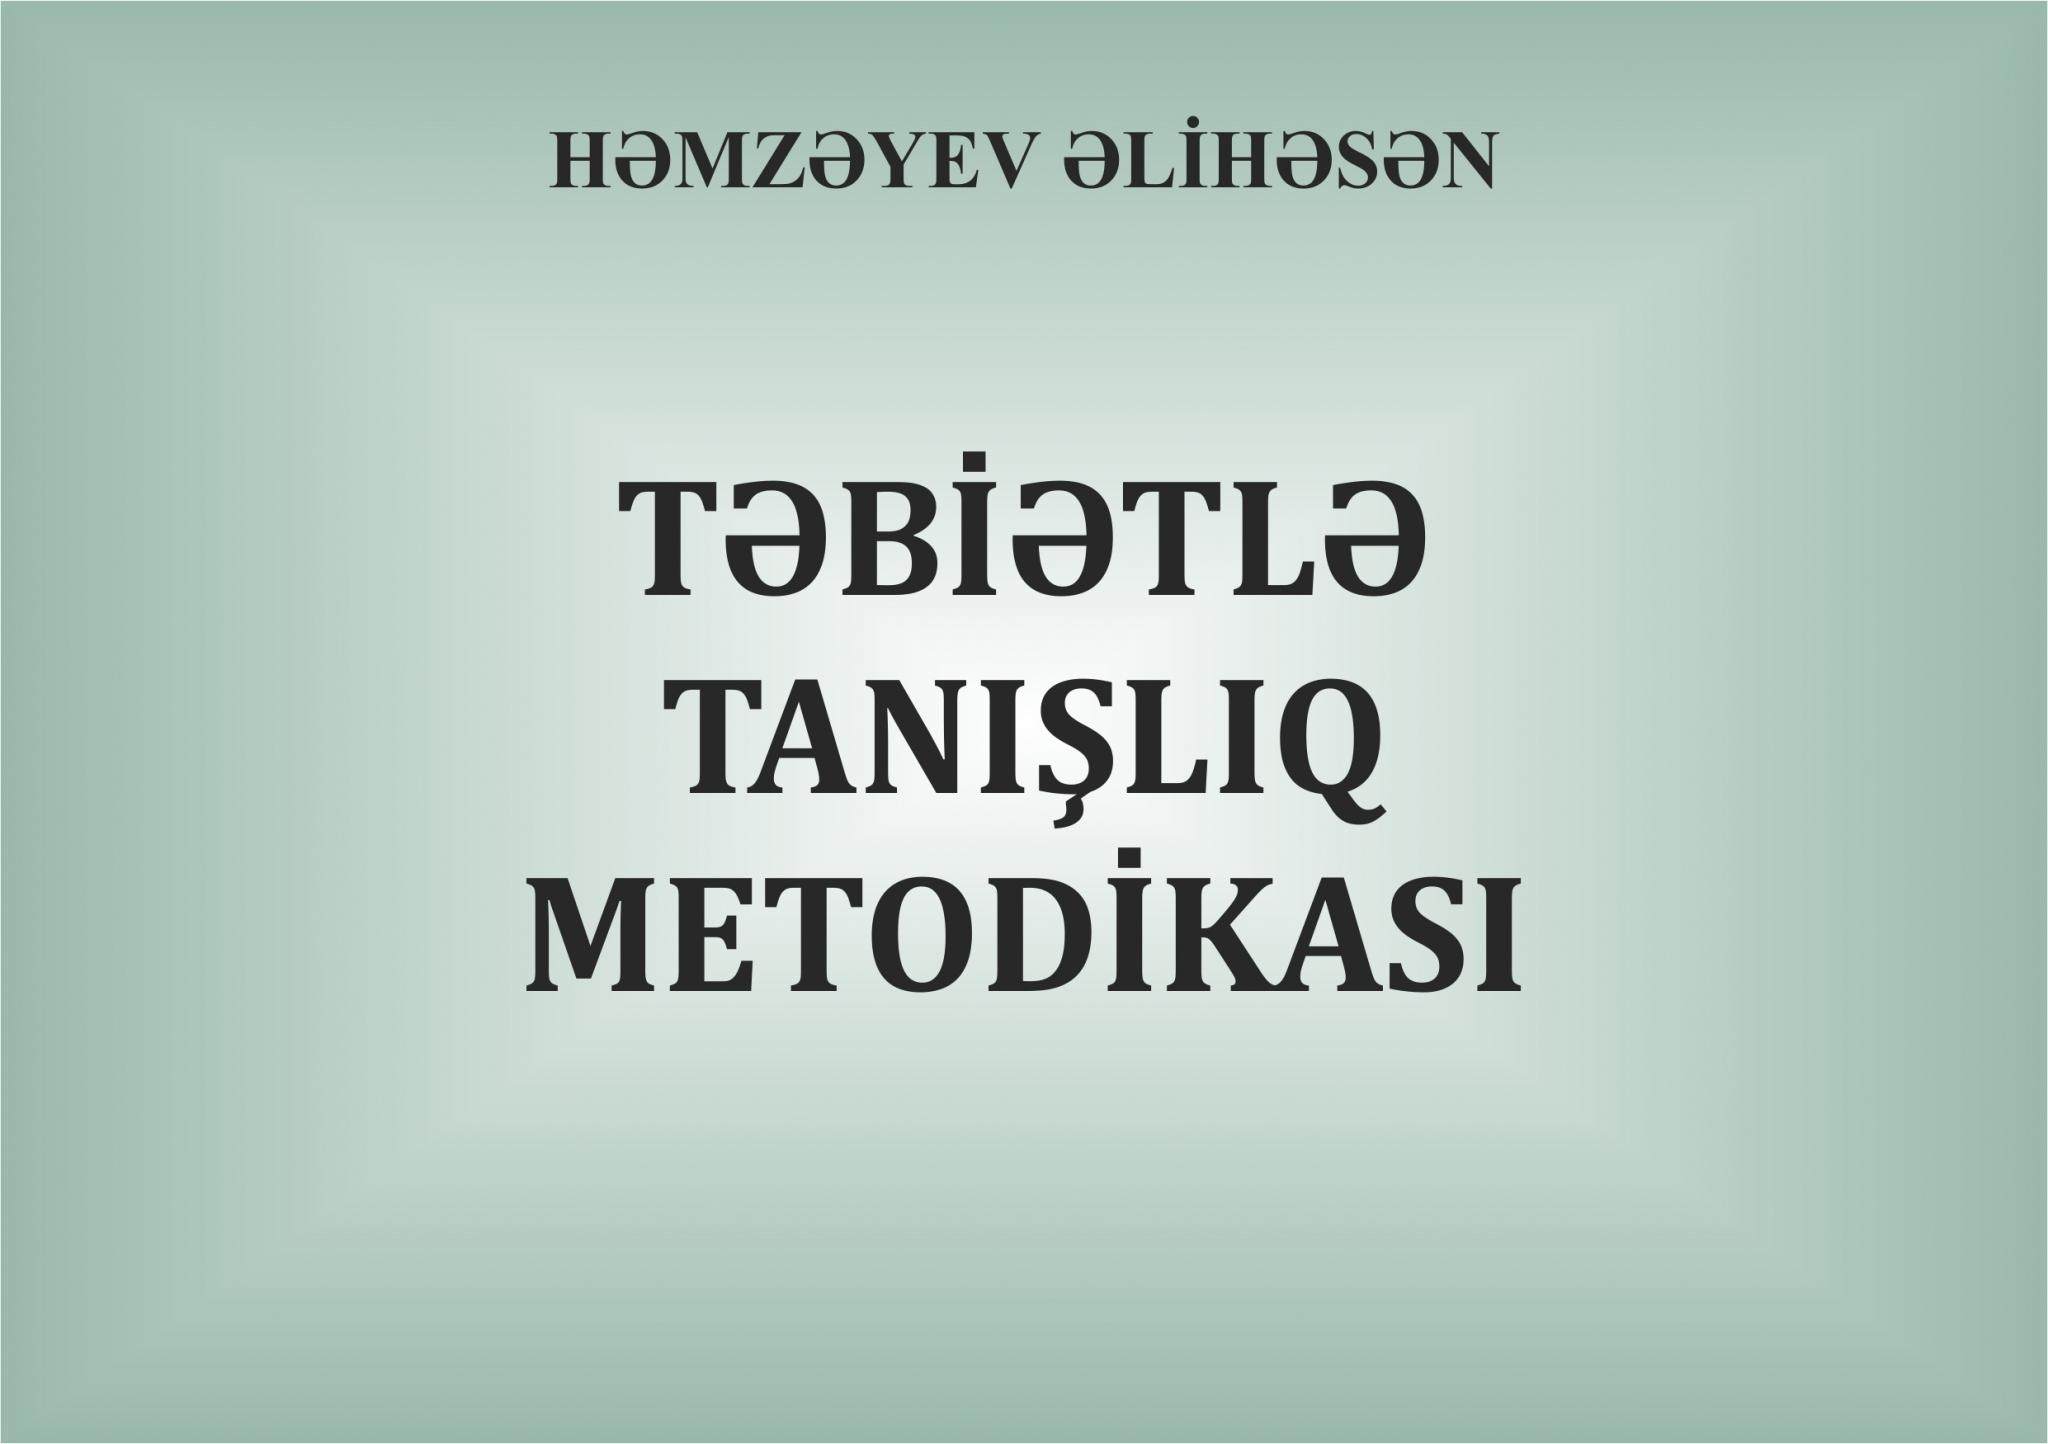 Təbiətlə  Tanışlıq  Metodikası